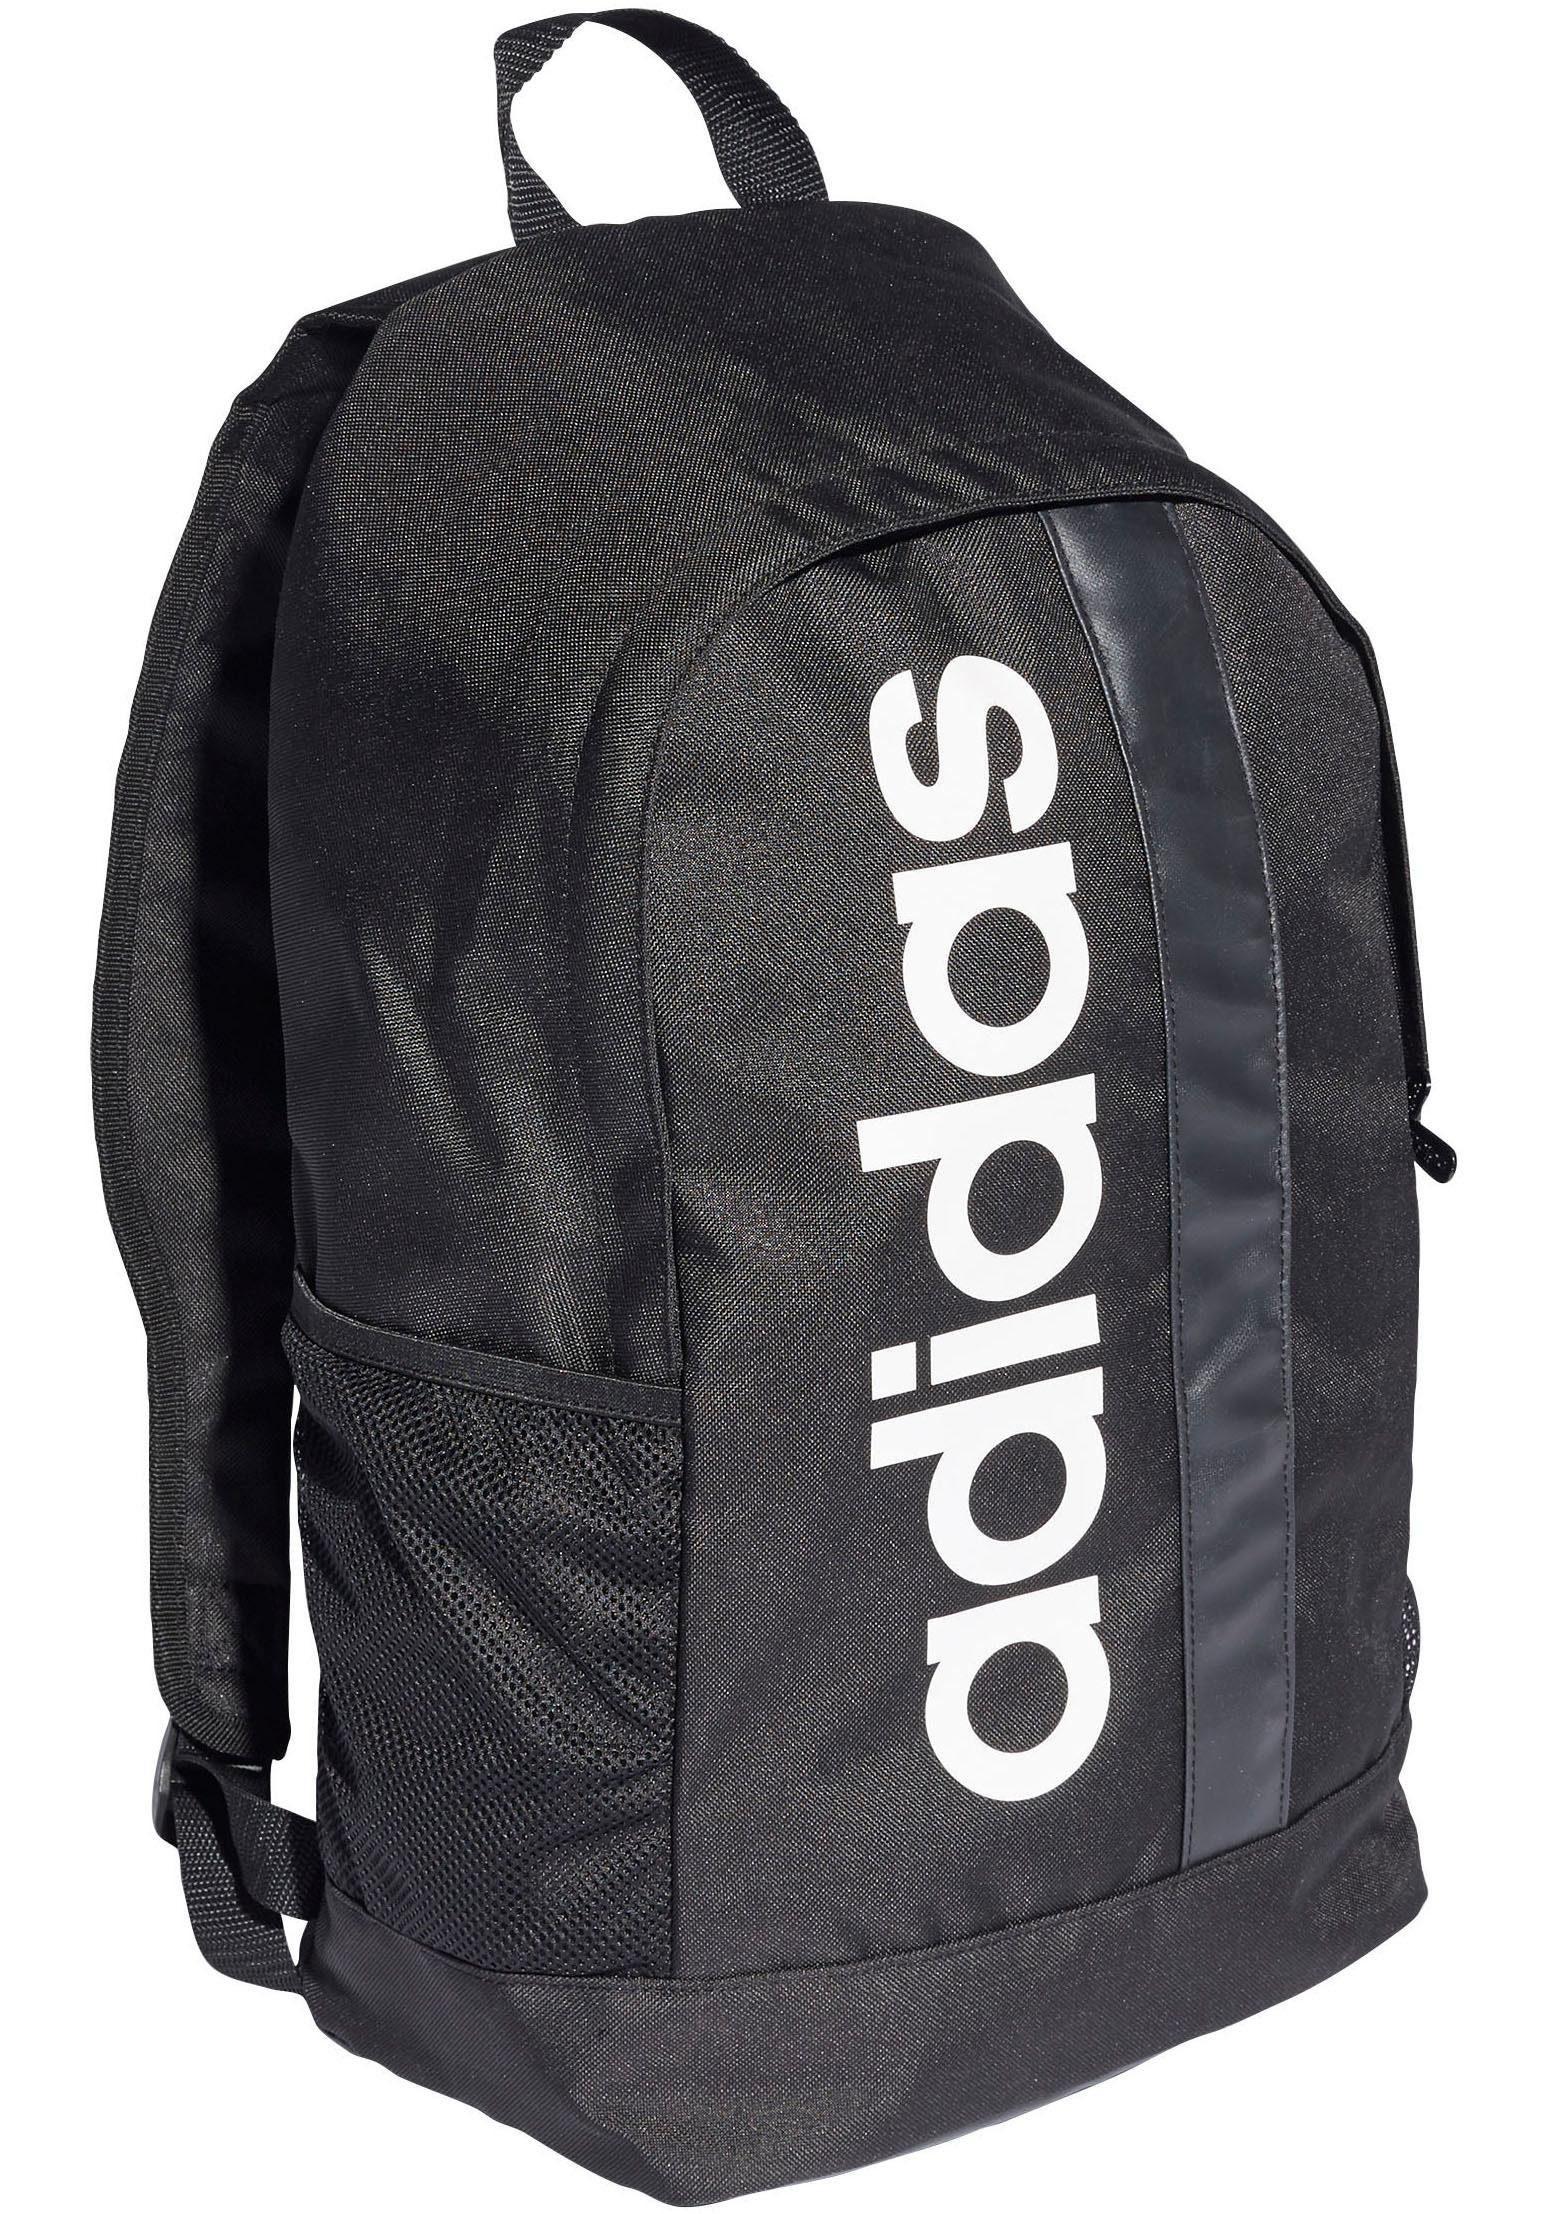 Sportrucksack Adidas Adidas Adidas Adidas Sportrucksack Sportrucksack Sportrucksack Adidas Adidas Sportrucksack tpgqHw00